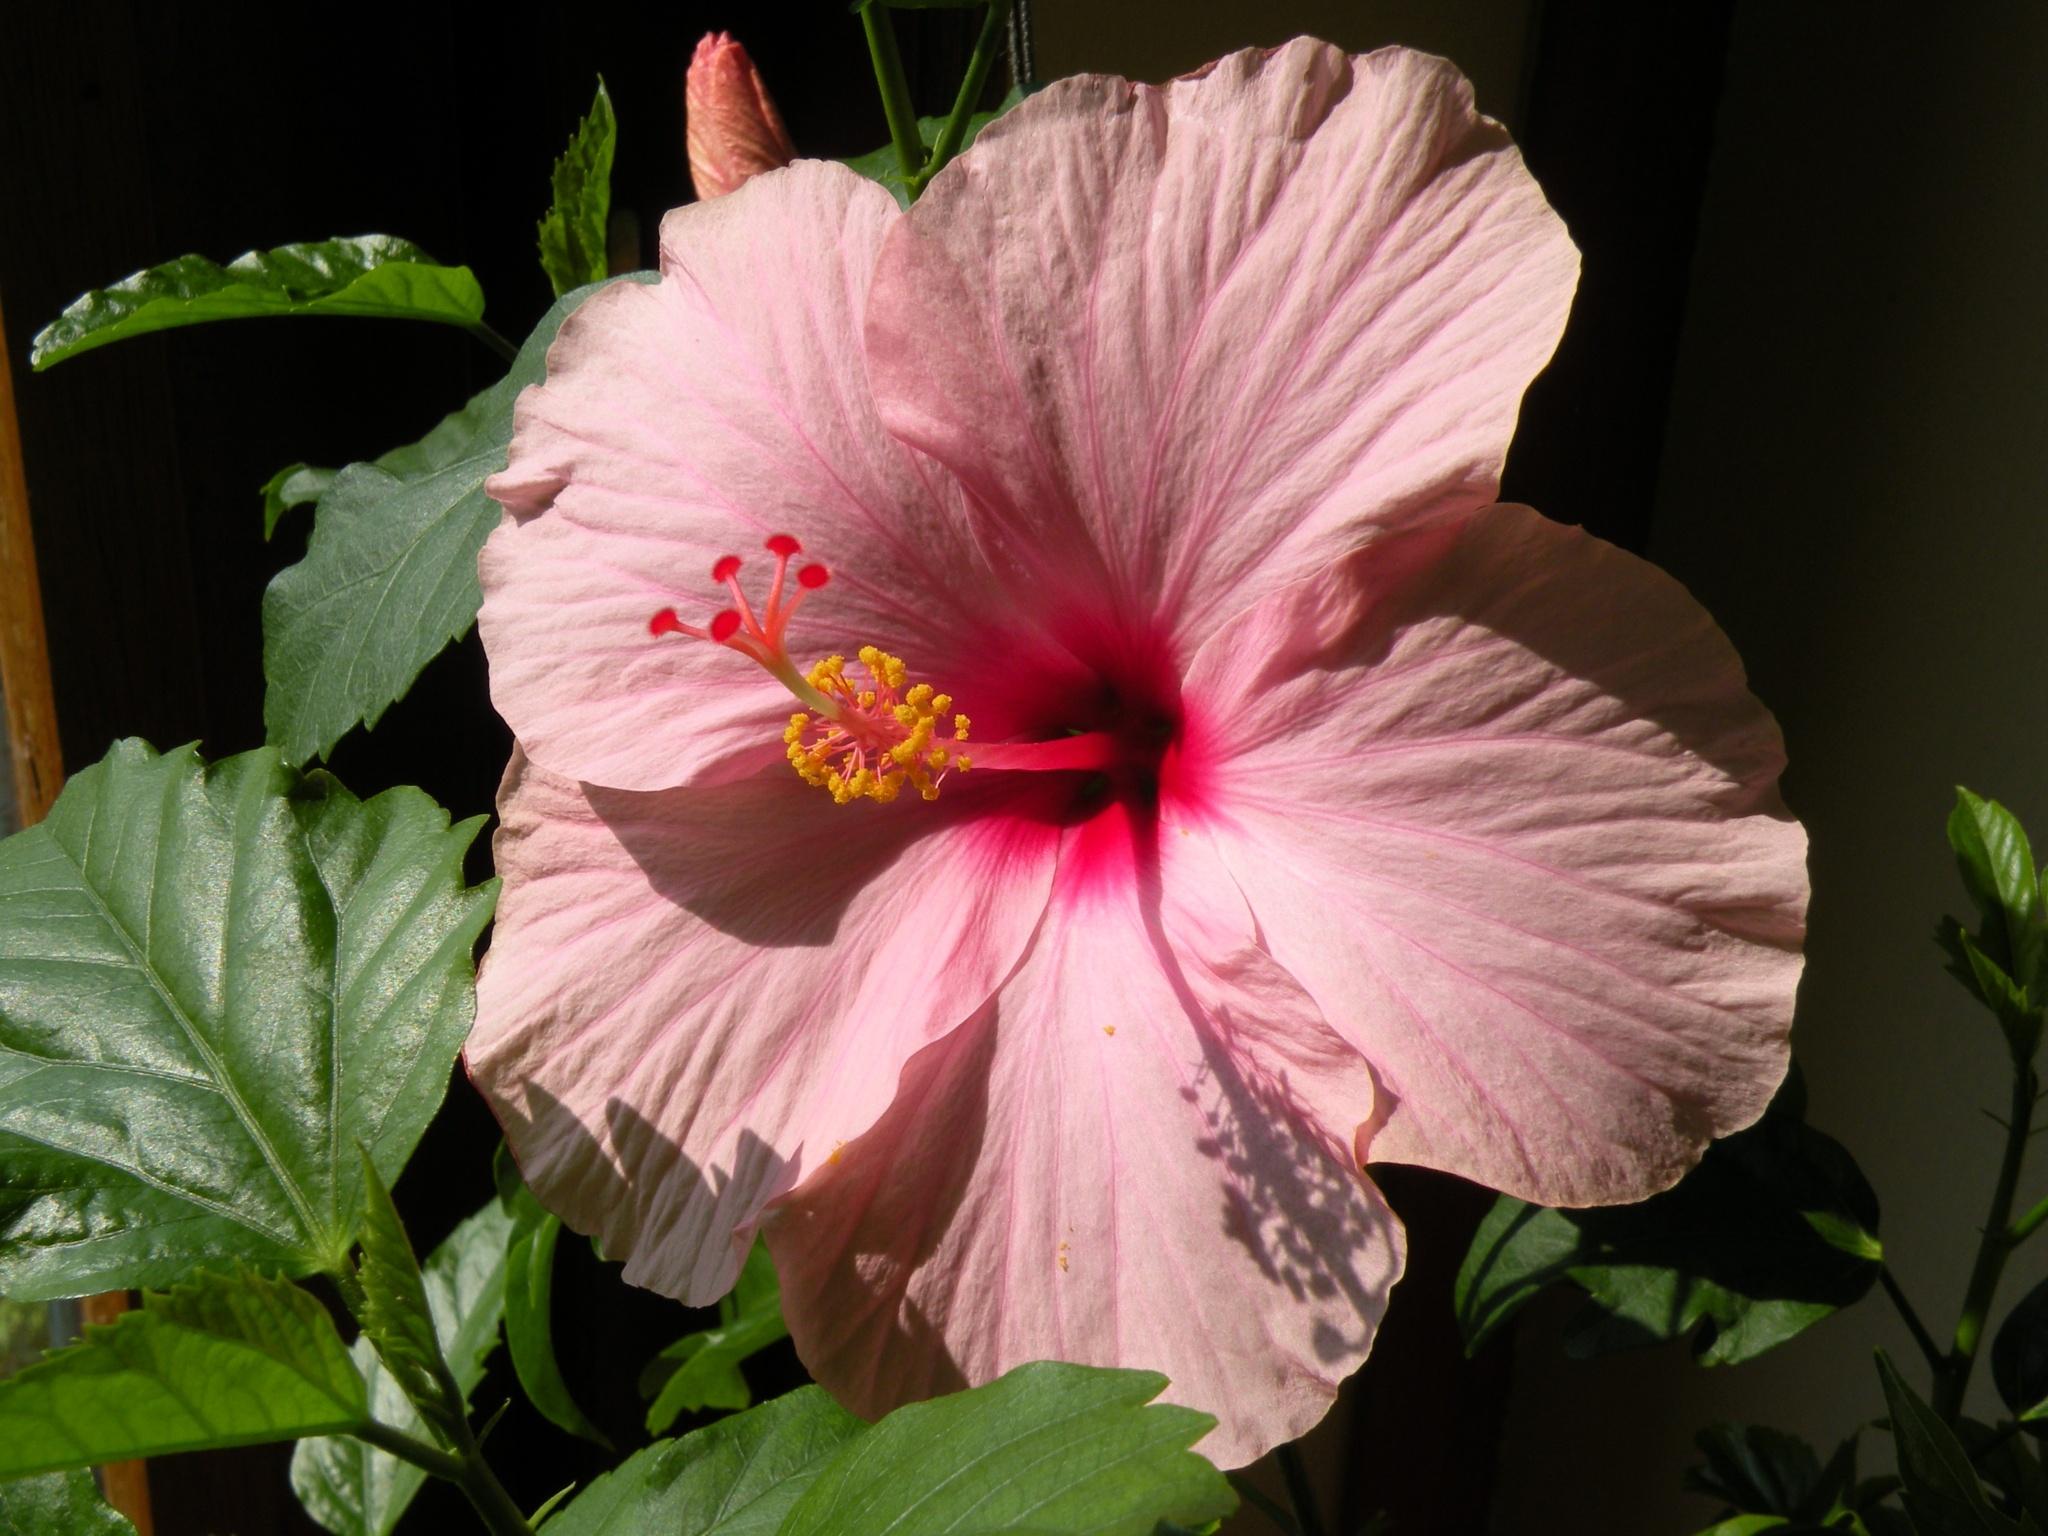 Hibiscus on balcony by ericstir53